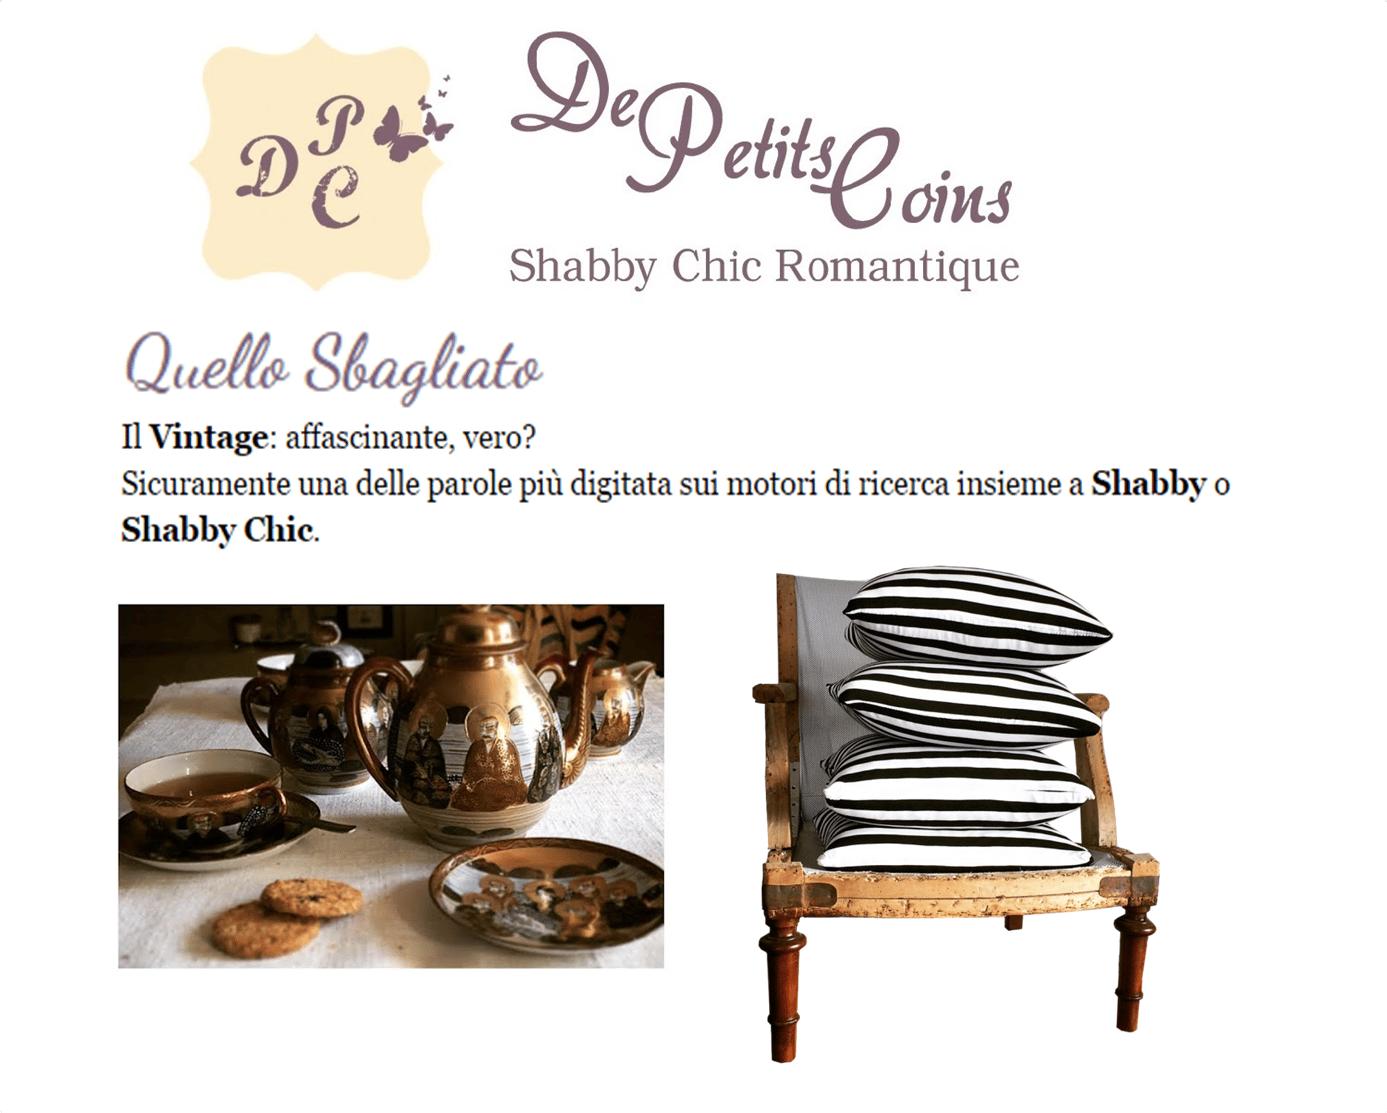 Quello Sbagliato: Vintage blog  Shabby chic blog